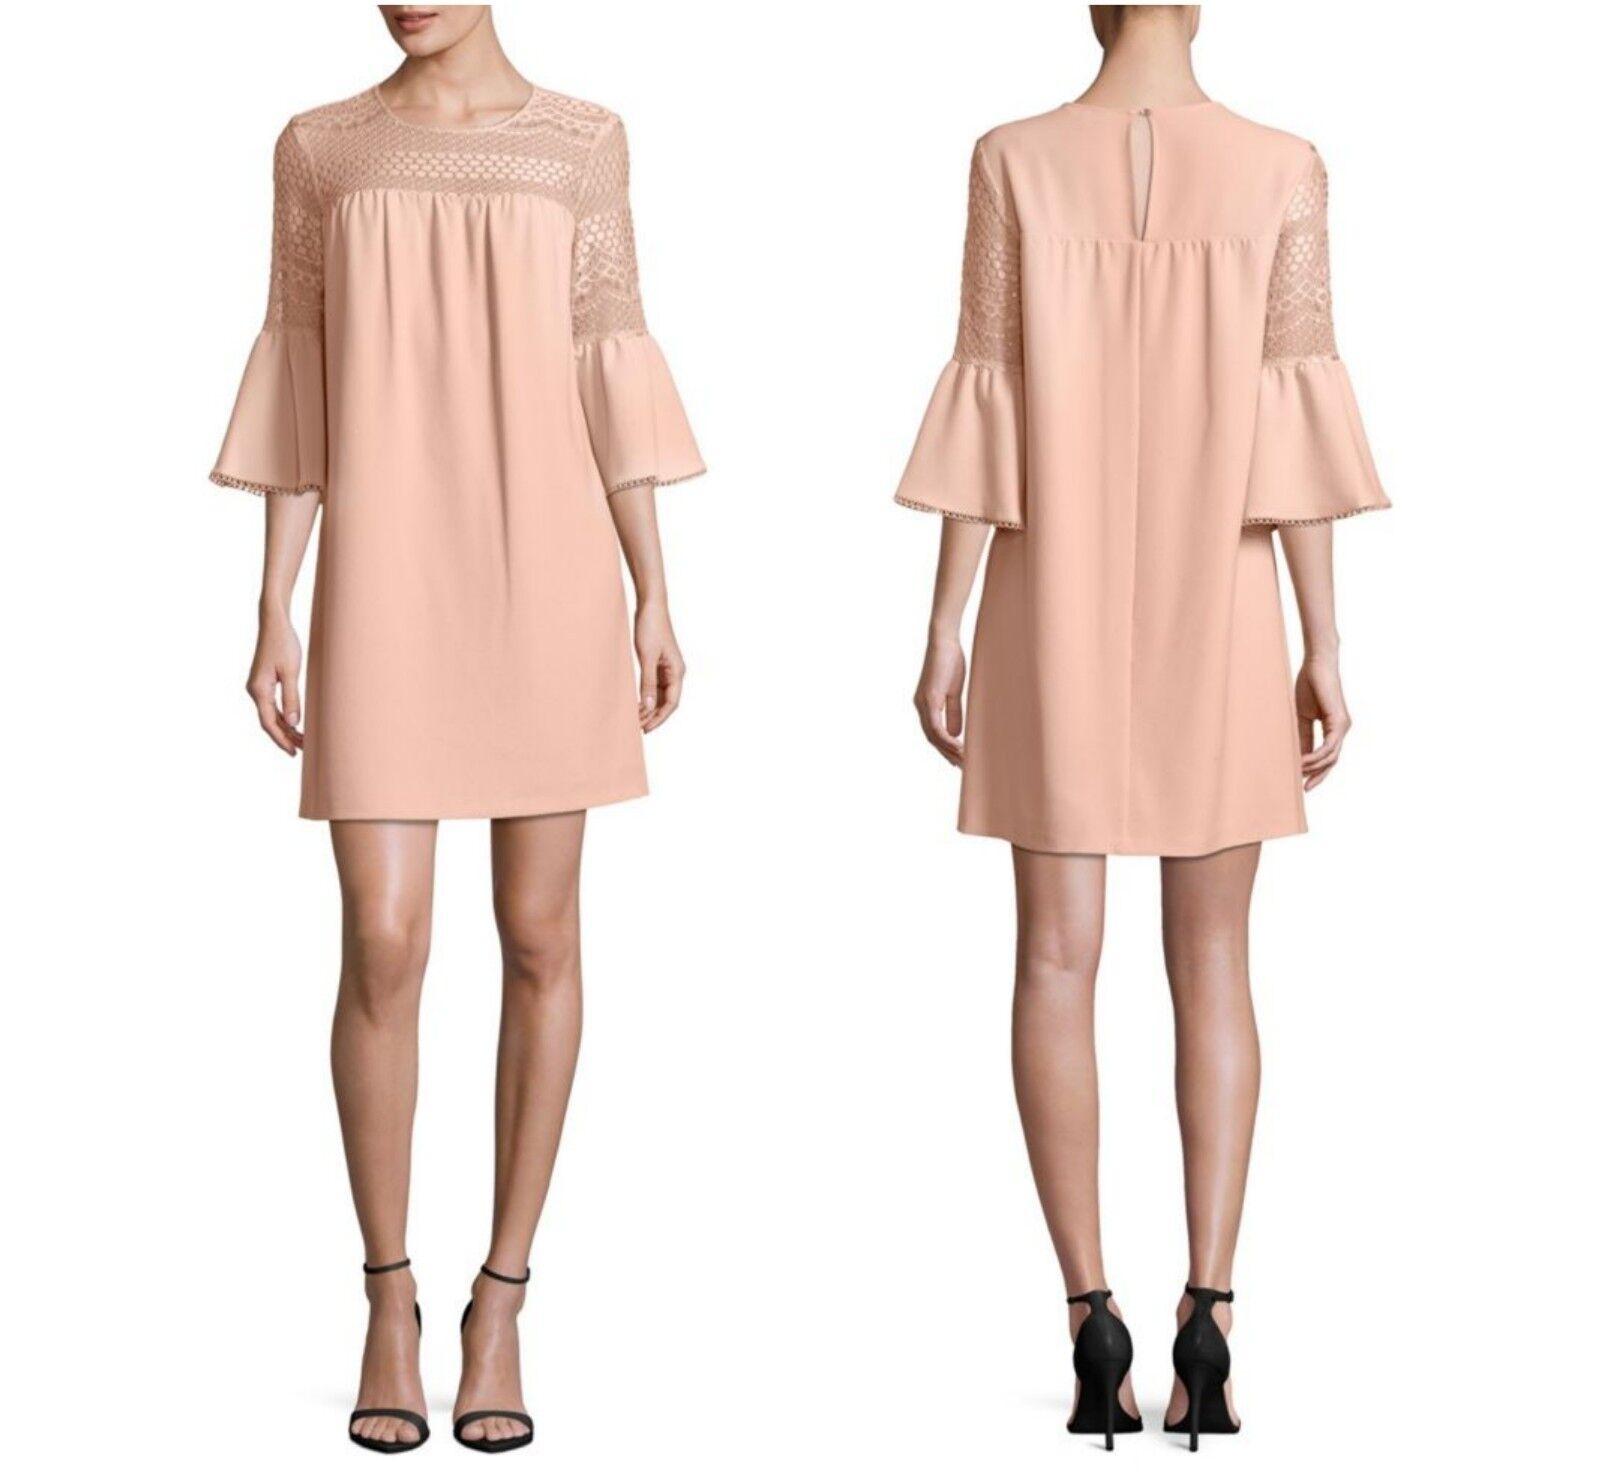 NWT Nanette Lepore damen Blaush Crepe Shift Dress W Lace Yoke Wedding  Größe2